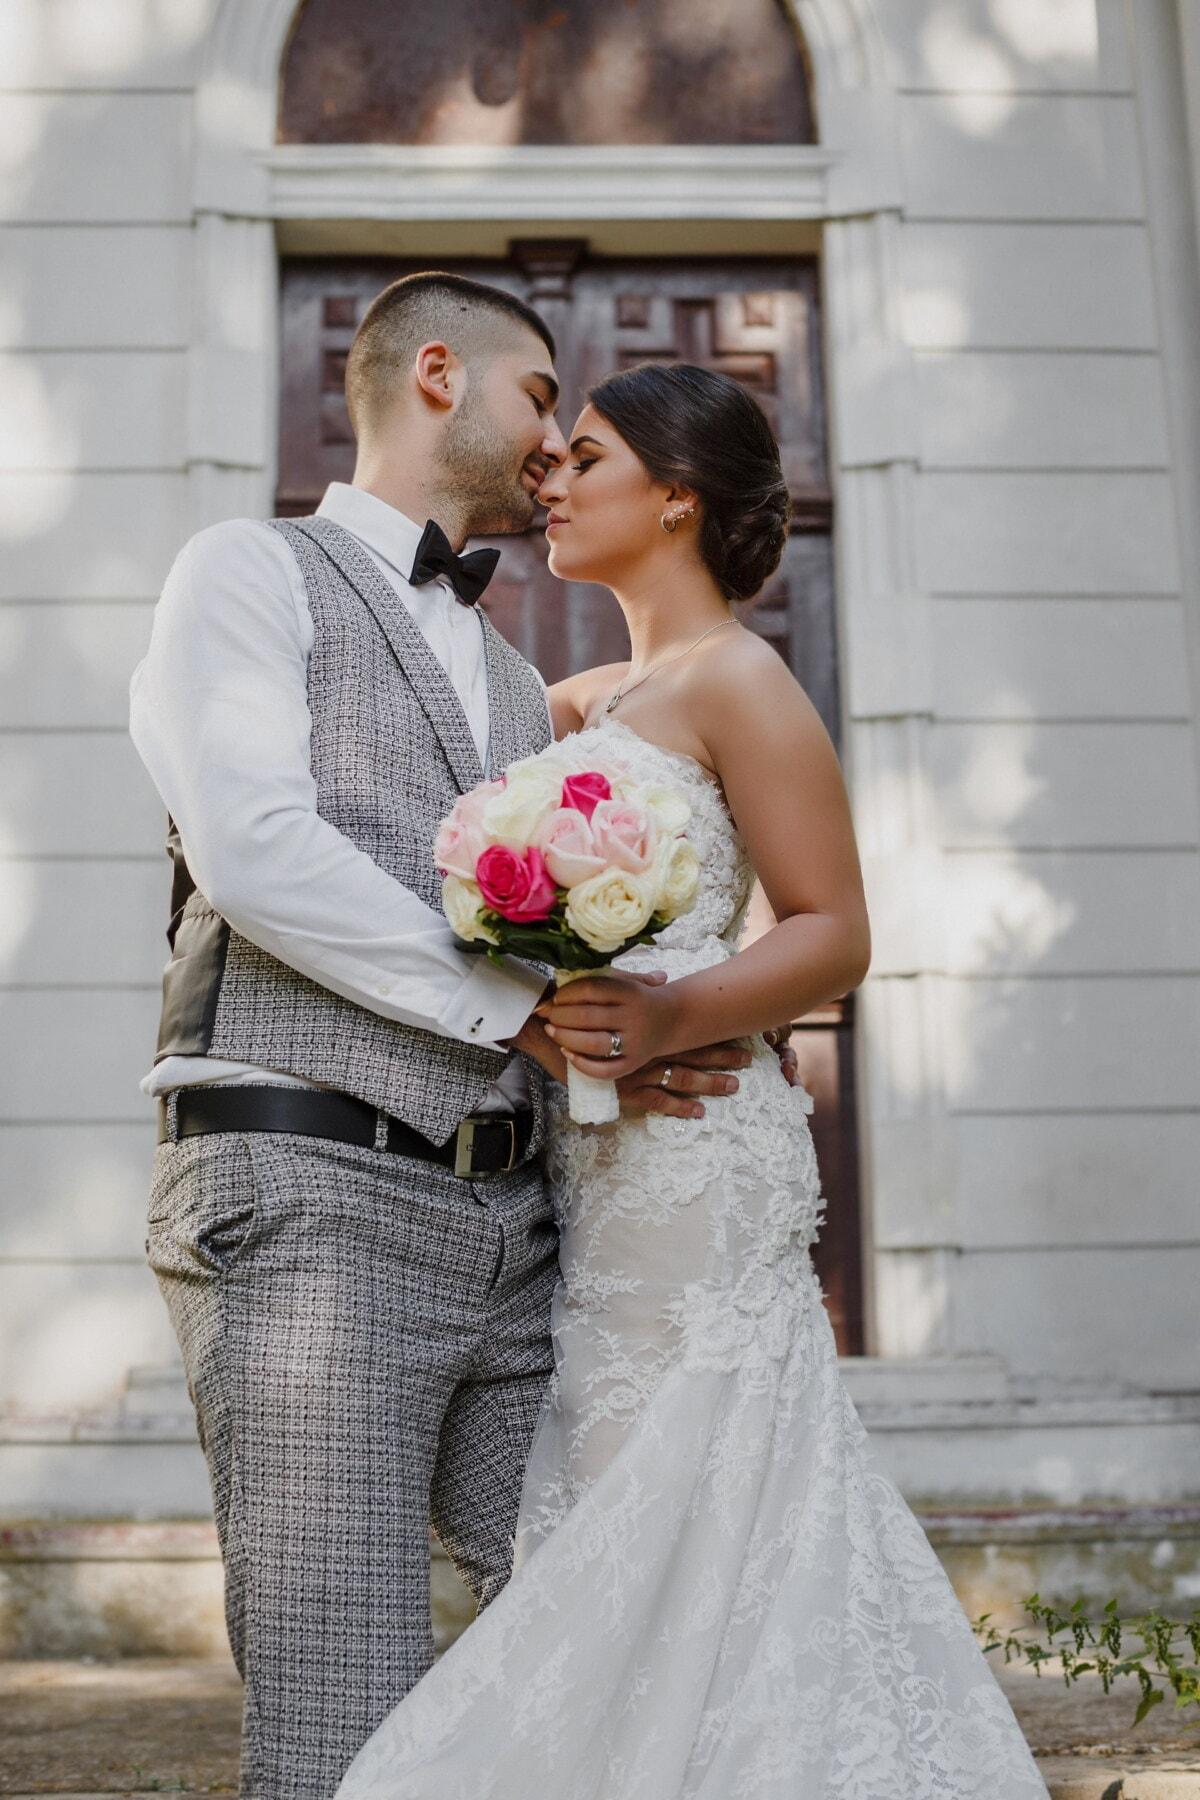 ženích, bozk, pobozkať, nevesta, stojace, schodisko, svadba, láska, šaty, pár, romance